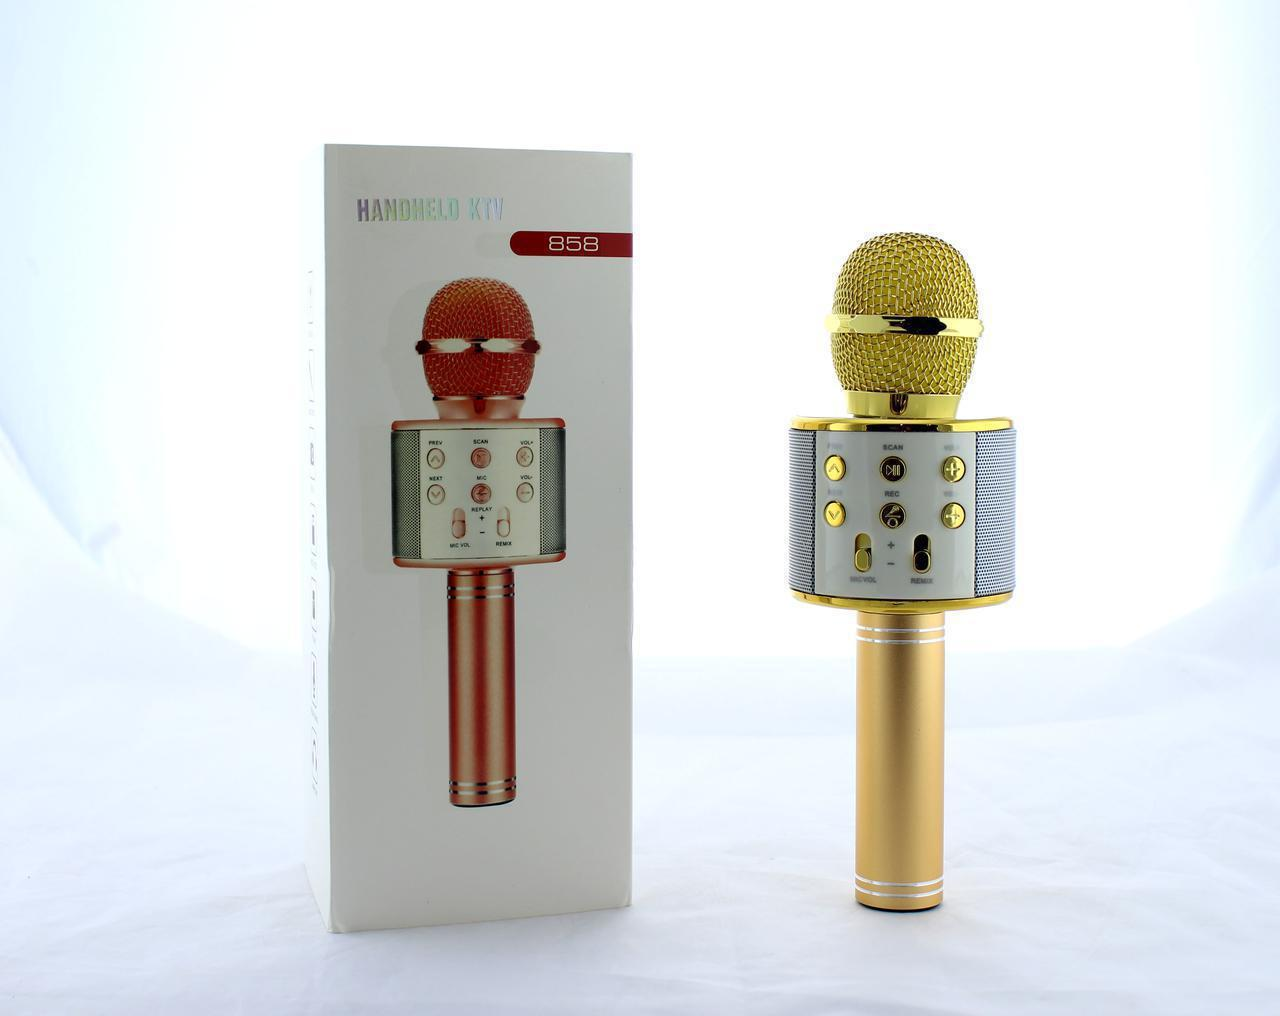 Микрофон DM Karaoke WS858, 2 в 1 - динамик и микрофон, Беспроводной микрофон, Микрофон для караоке